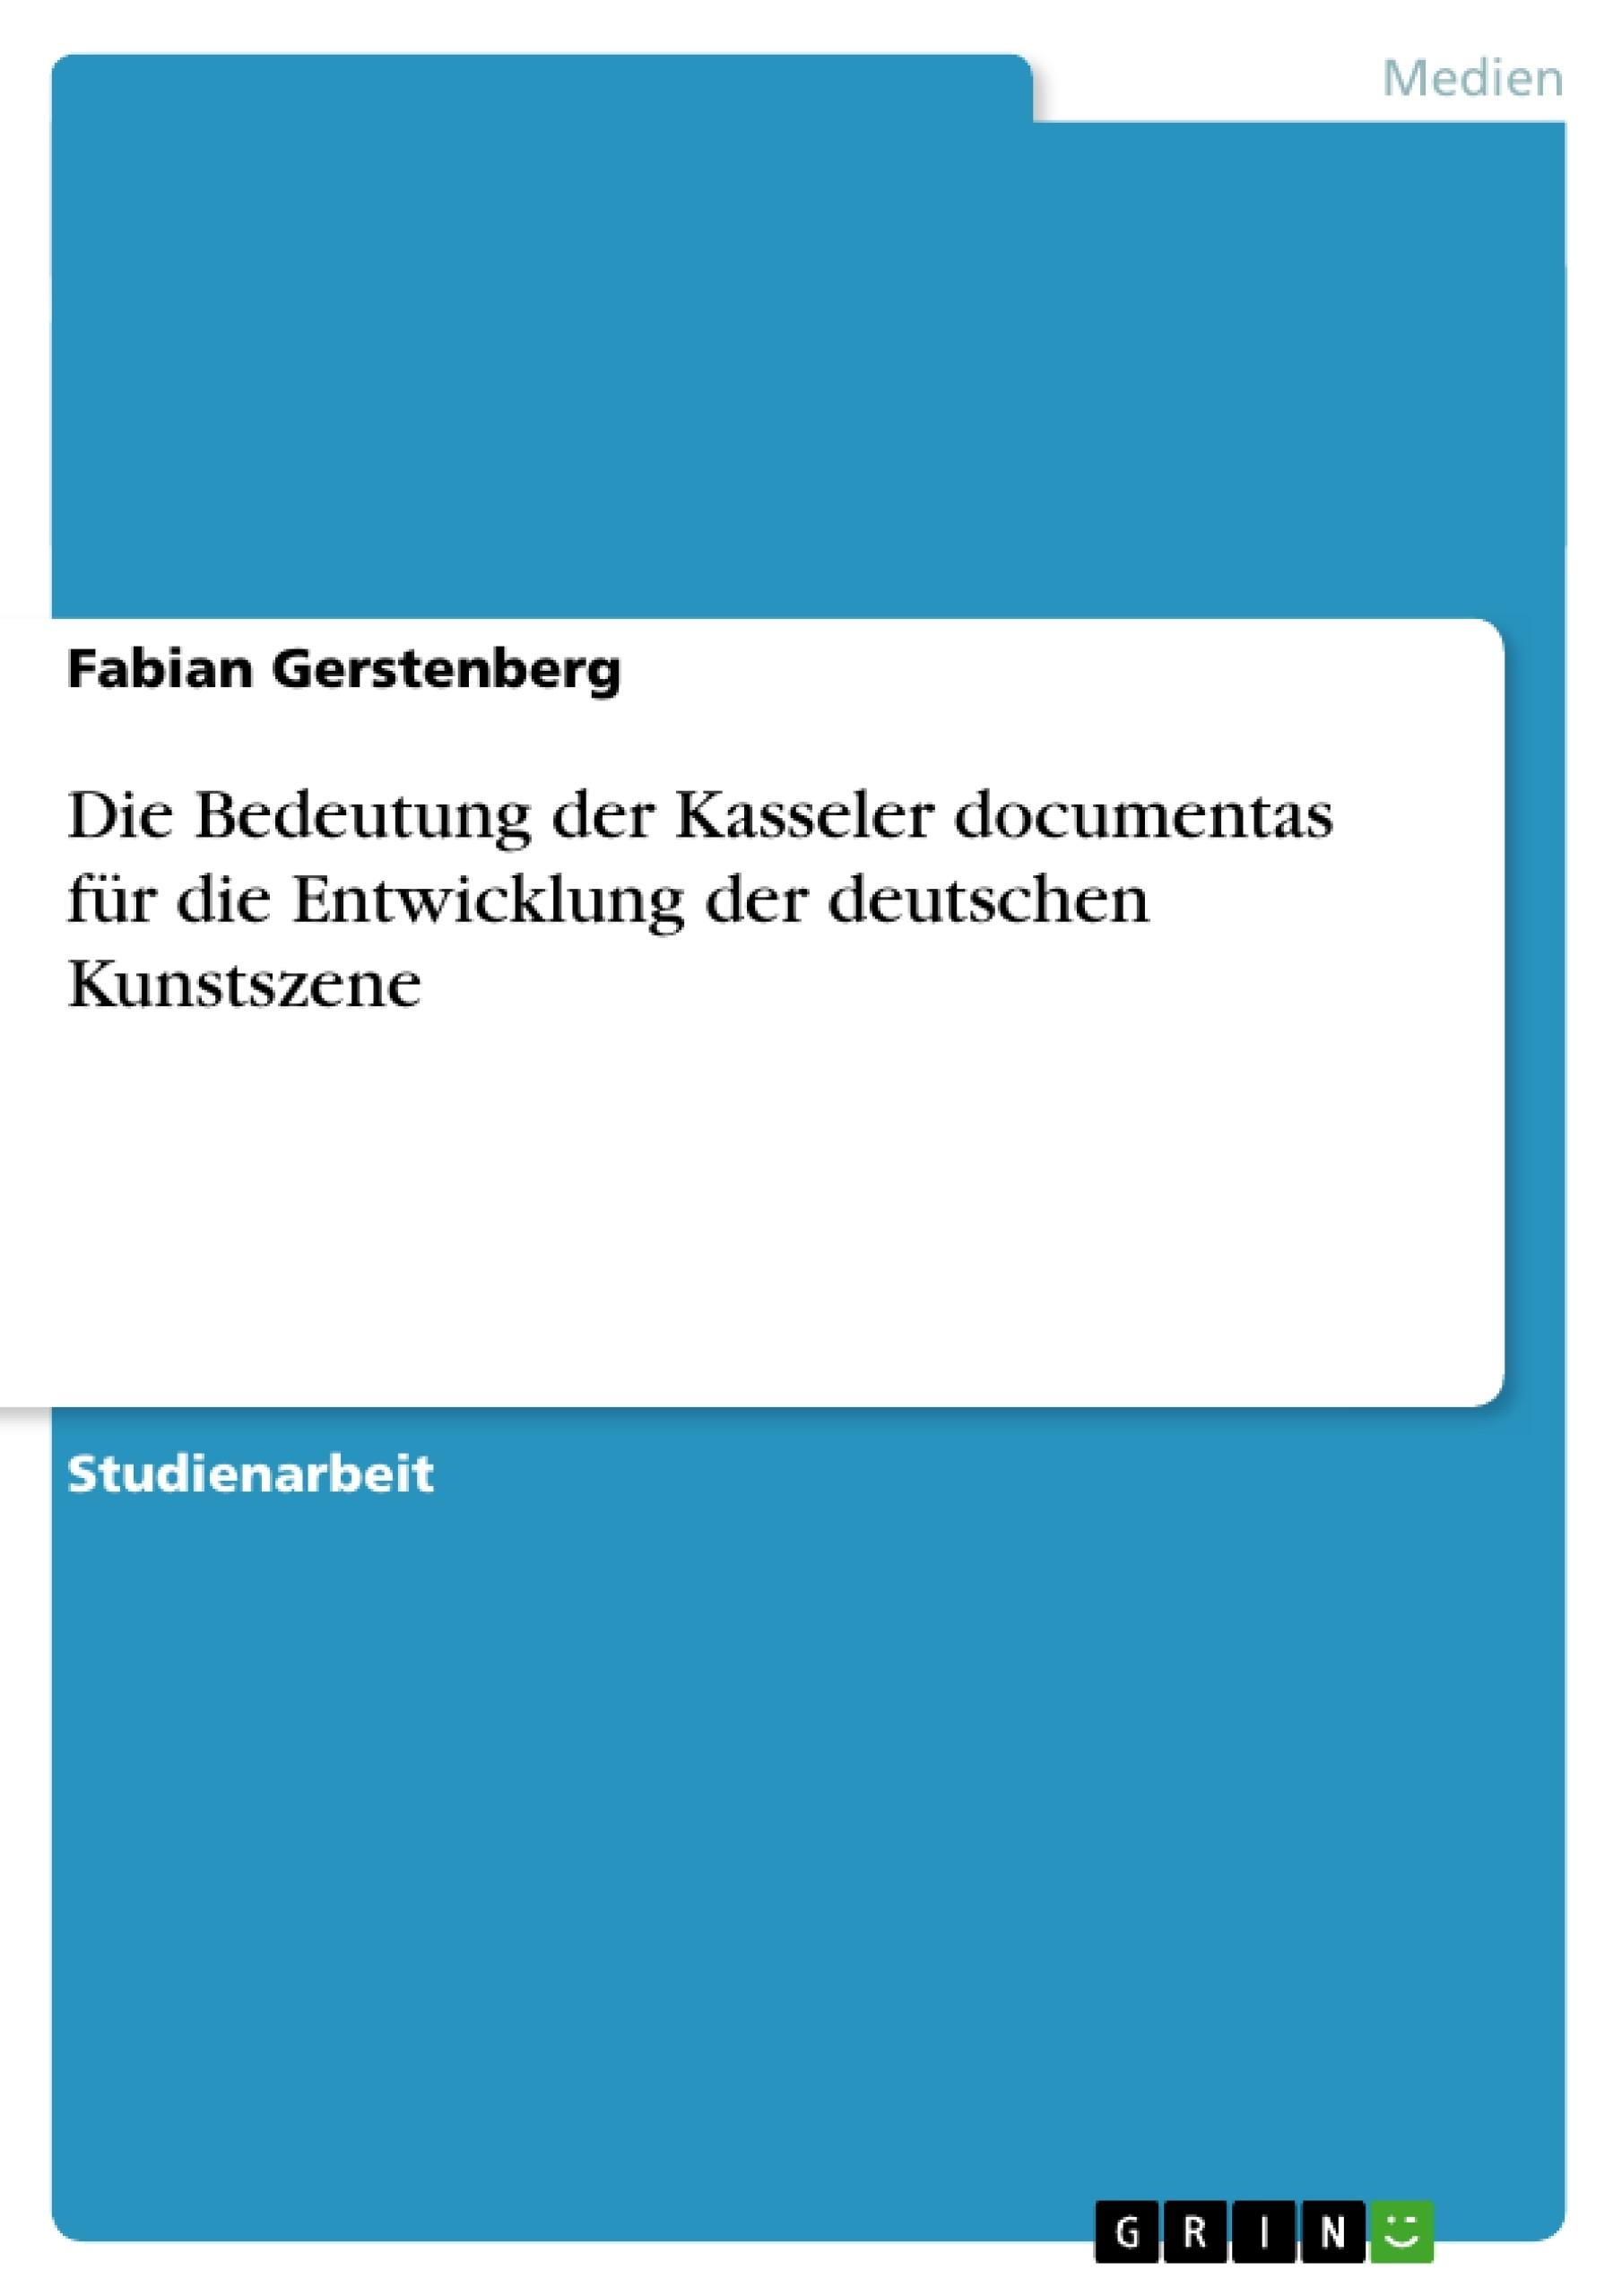 Titel: Die Bedeutung der Kasseler documentas für die Entwicklung der deutschen Kunstszene